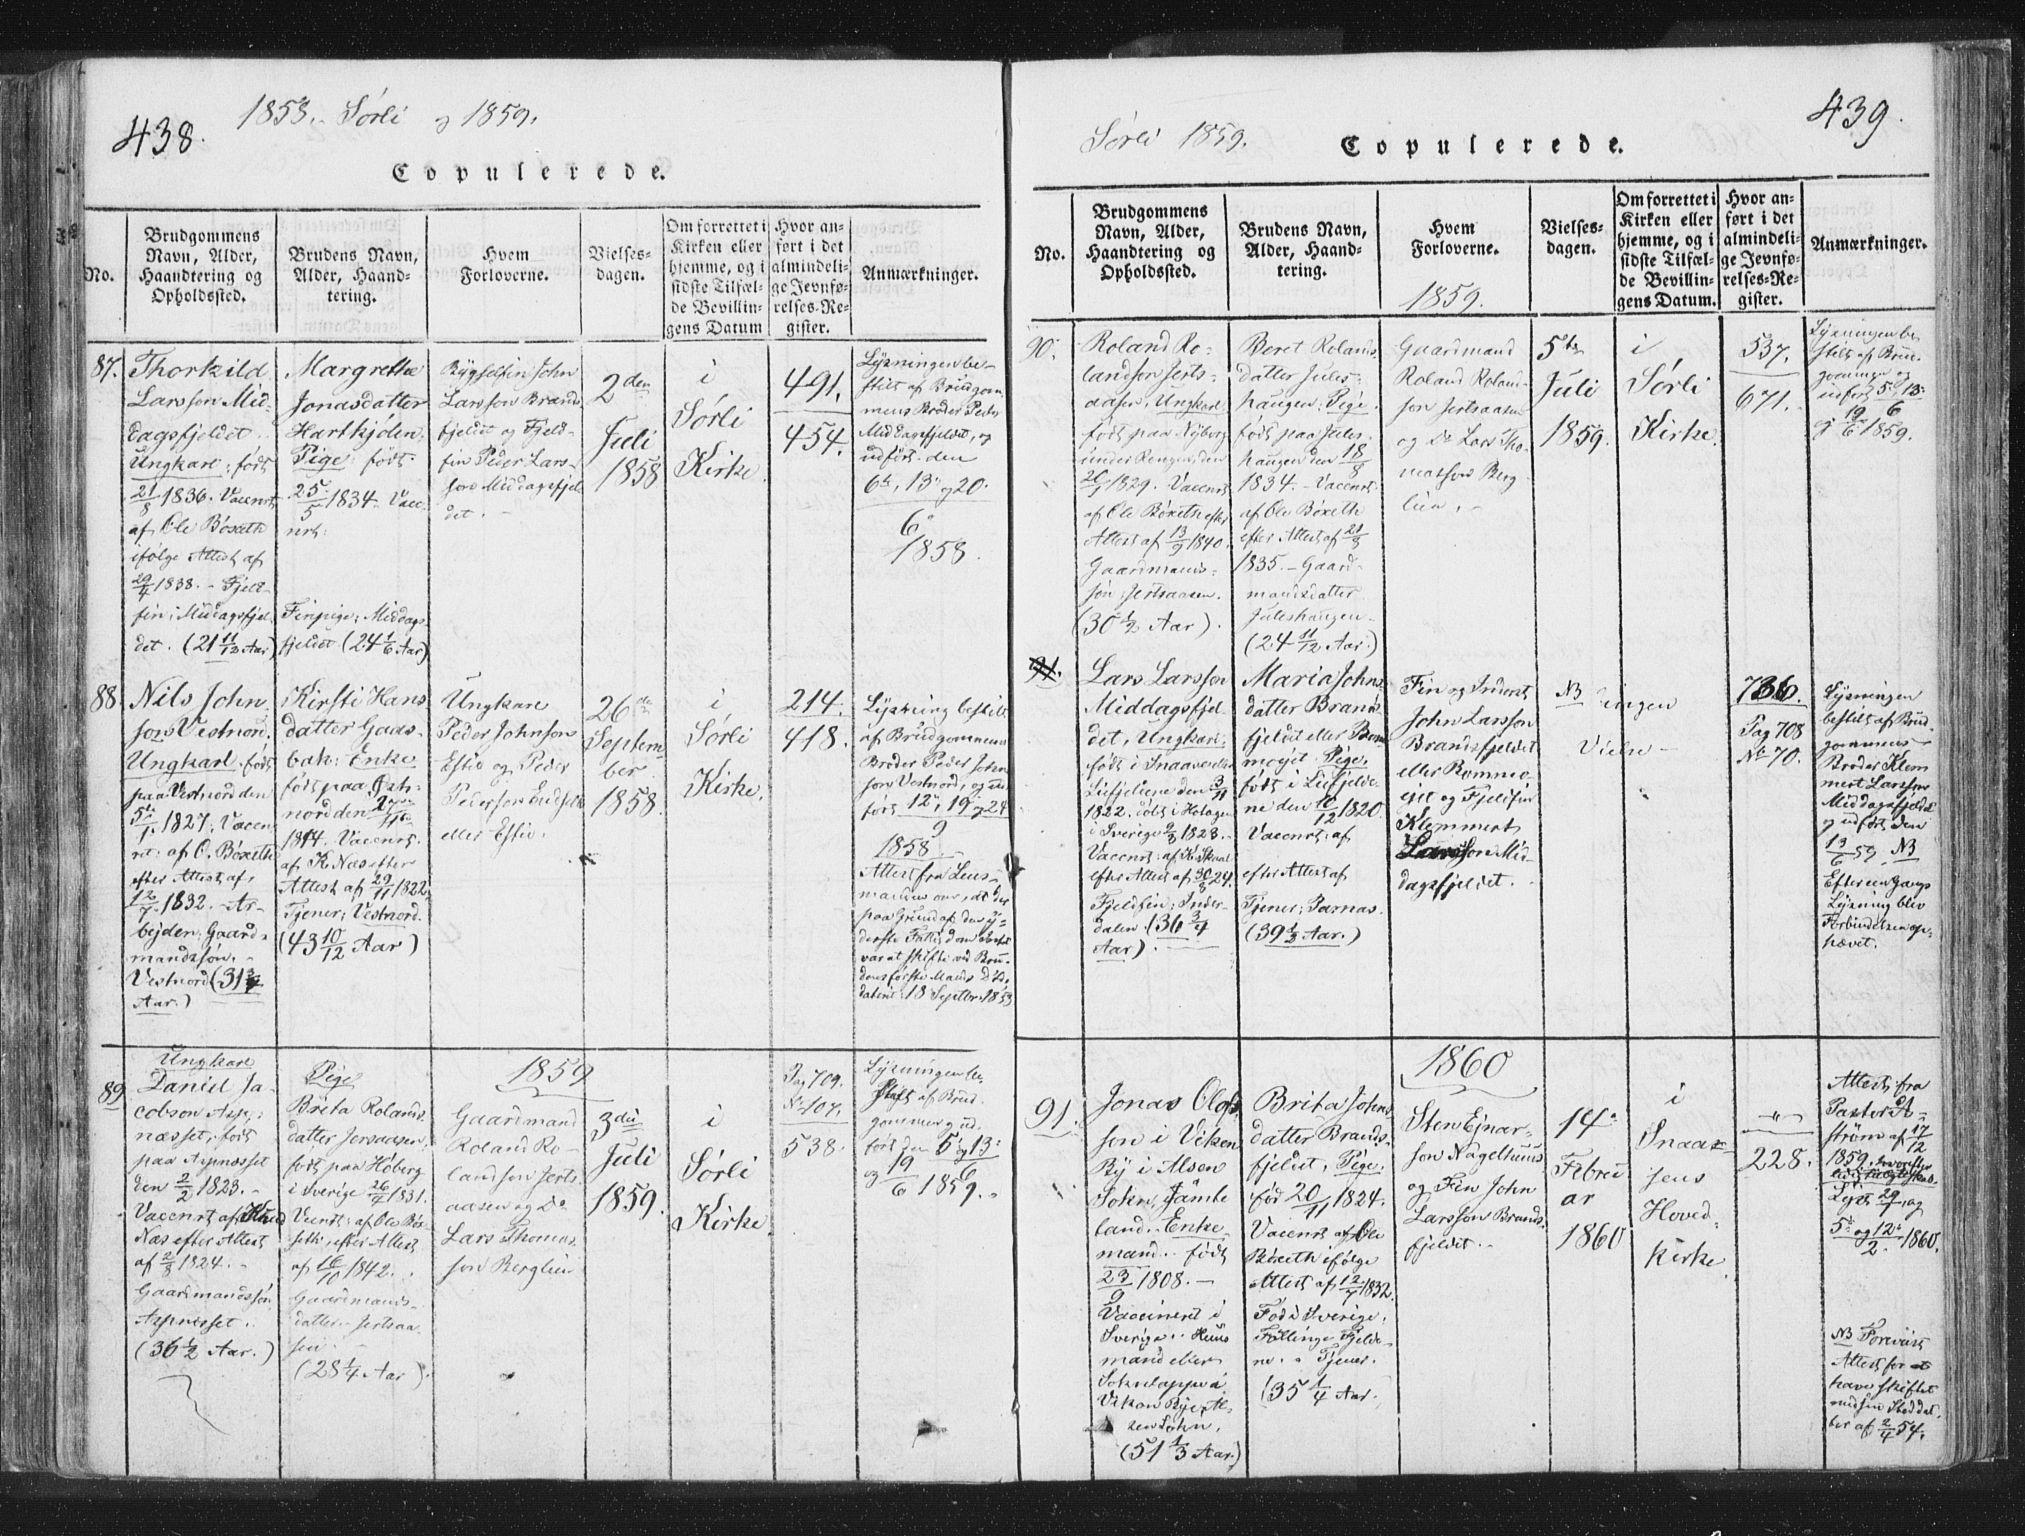 SAT, Ministerialprotokoller, klokkerbøker og fødselsregistre - Nord-Trøndelag, 755/L0491: Ministerialbok nr. 755A01 /2, 1817-1864, s. 438-439